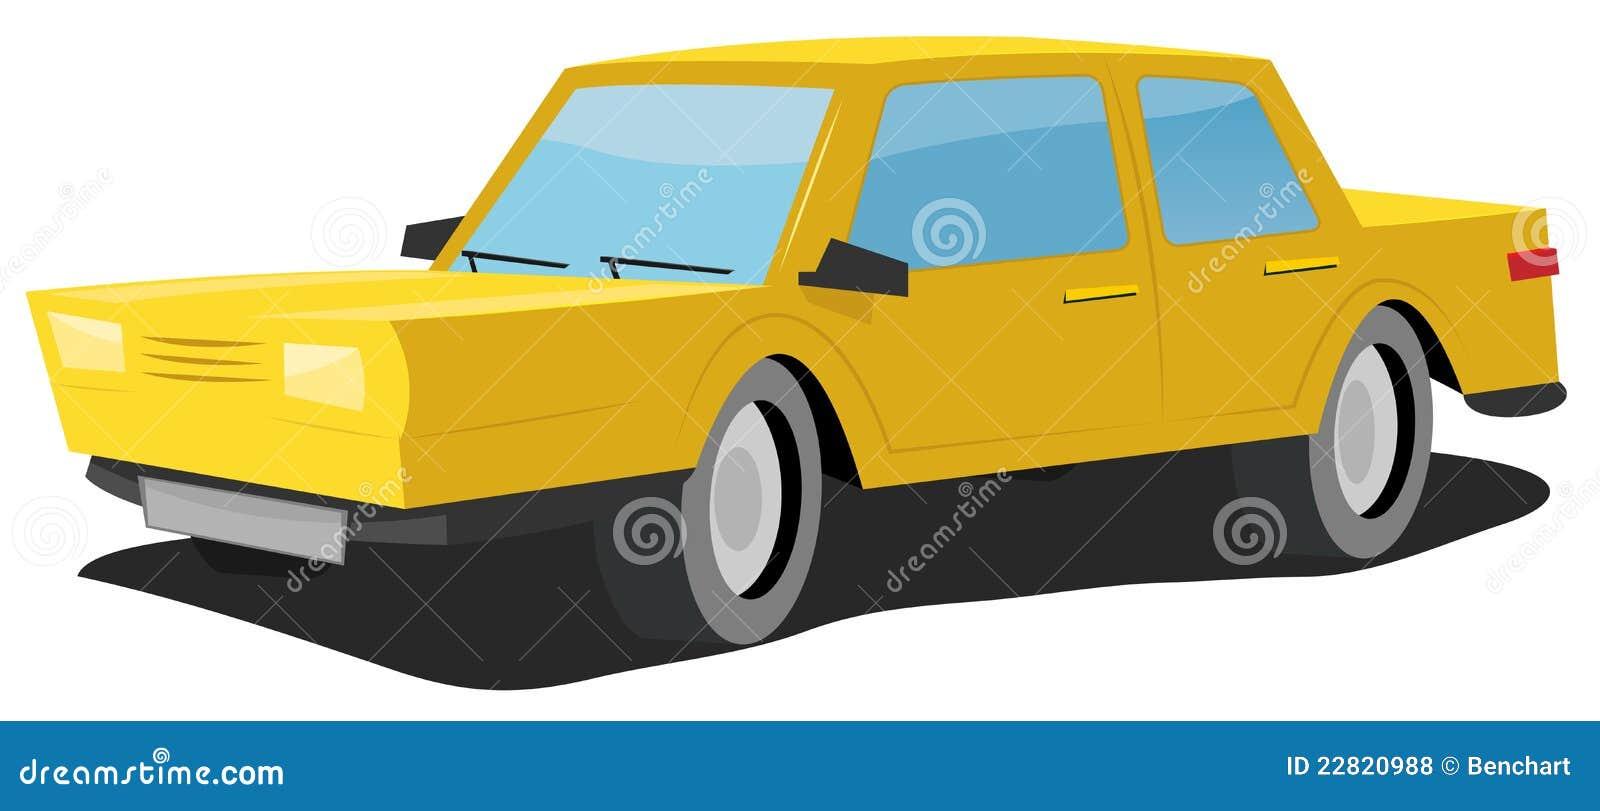 voiture de dessin anim photos libres de droits image 22820988. Black Bedroom Furniture Sets. Home Design Ideas